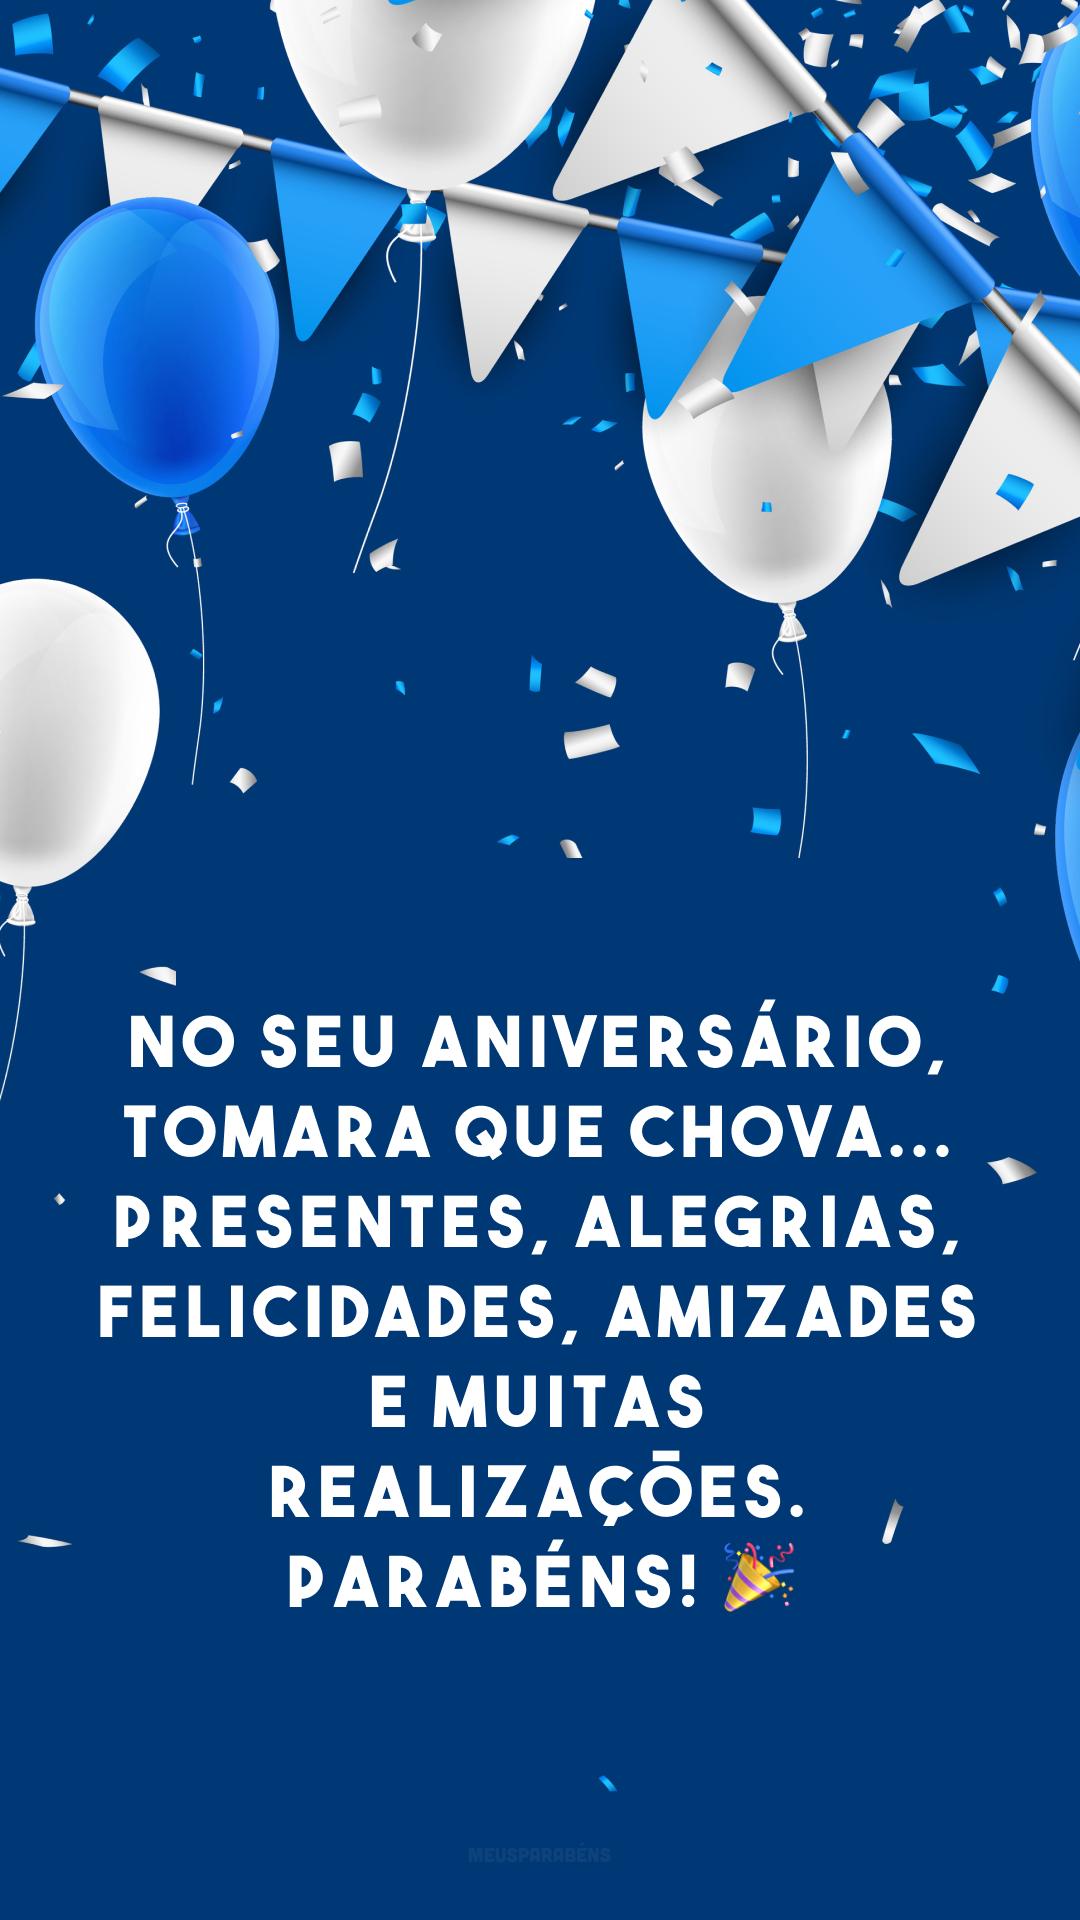 No seu aniversário, tomara que chova... presentes, alegrias, felicidades, amizades e muitas realizações. Parabéns! ?